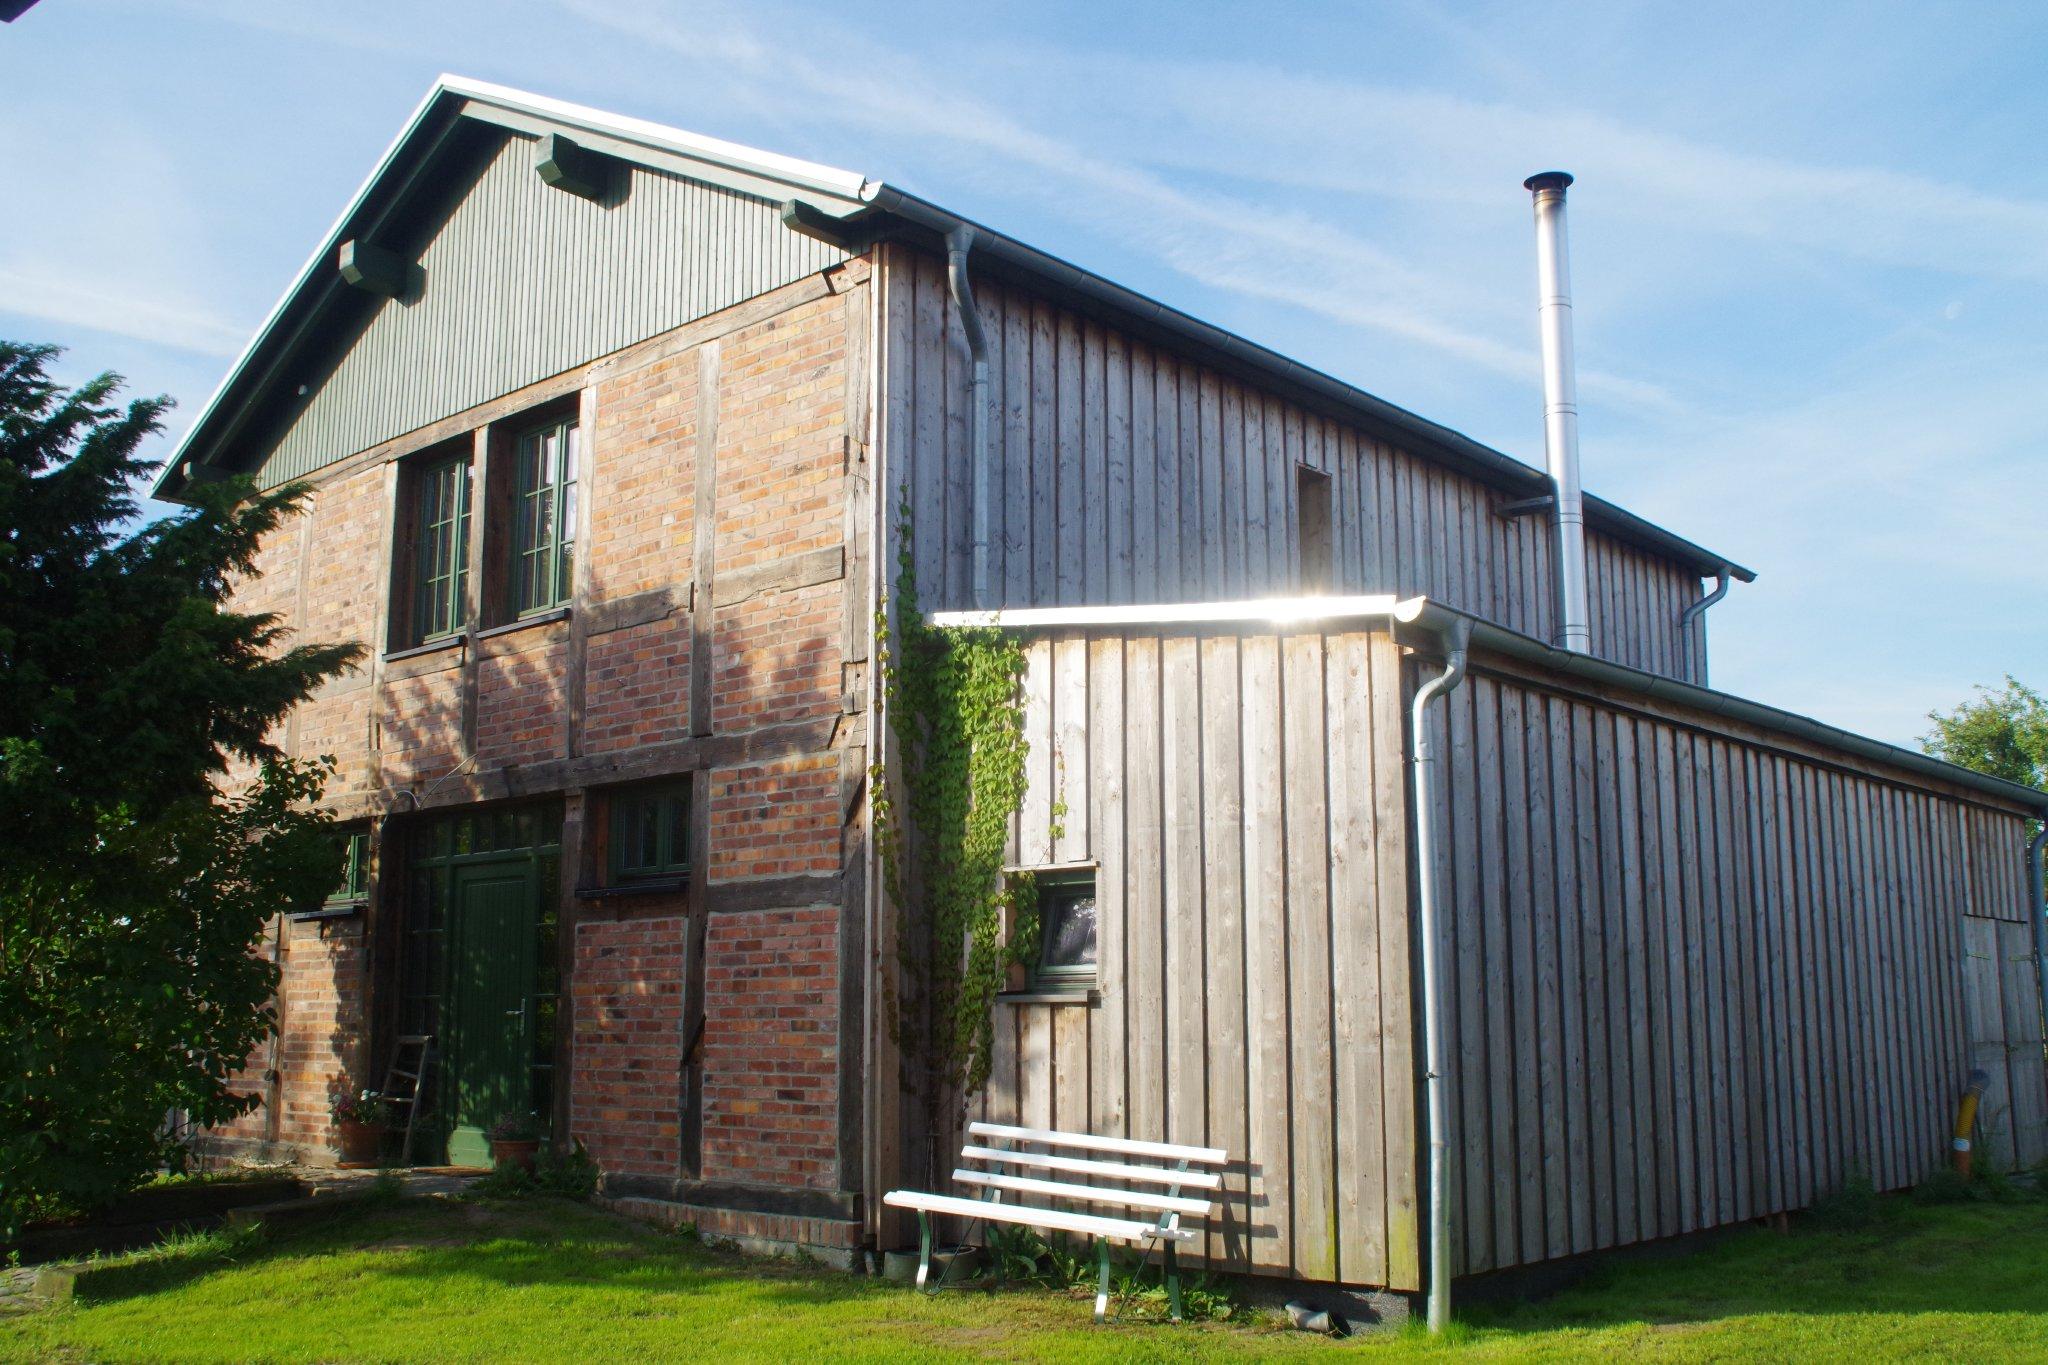 Detailbild von Ferienhaus 'Unsere Kochscheune'